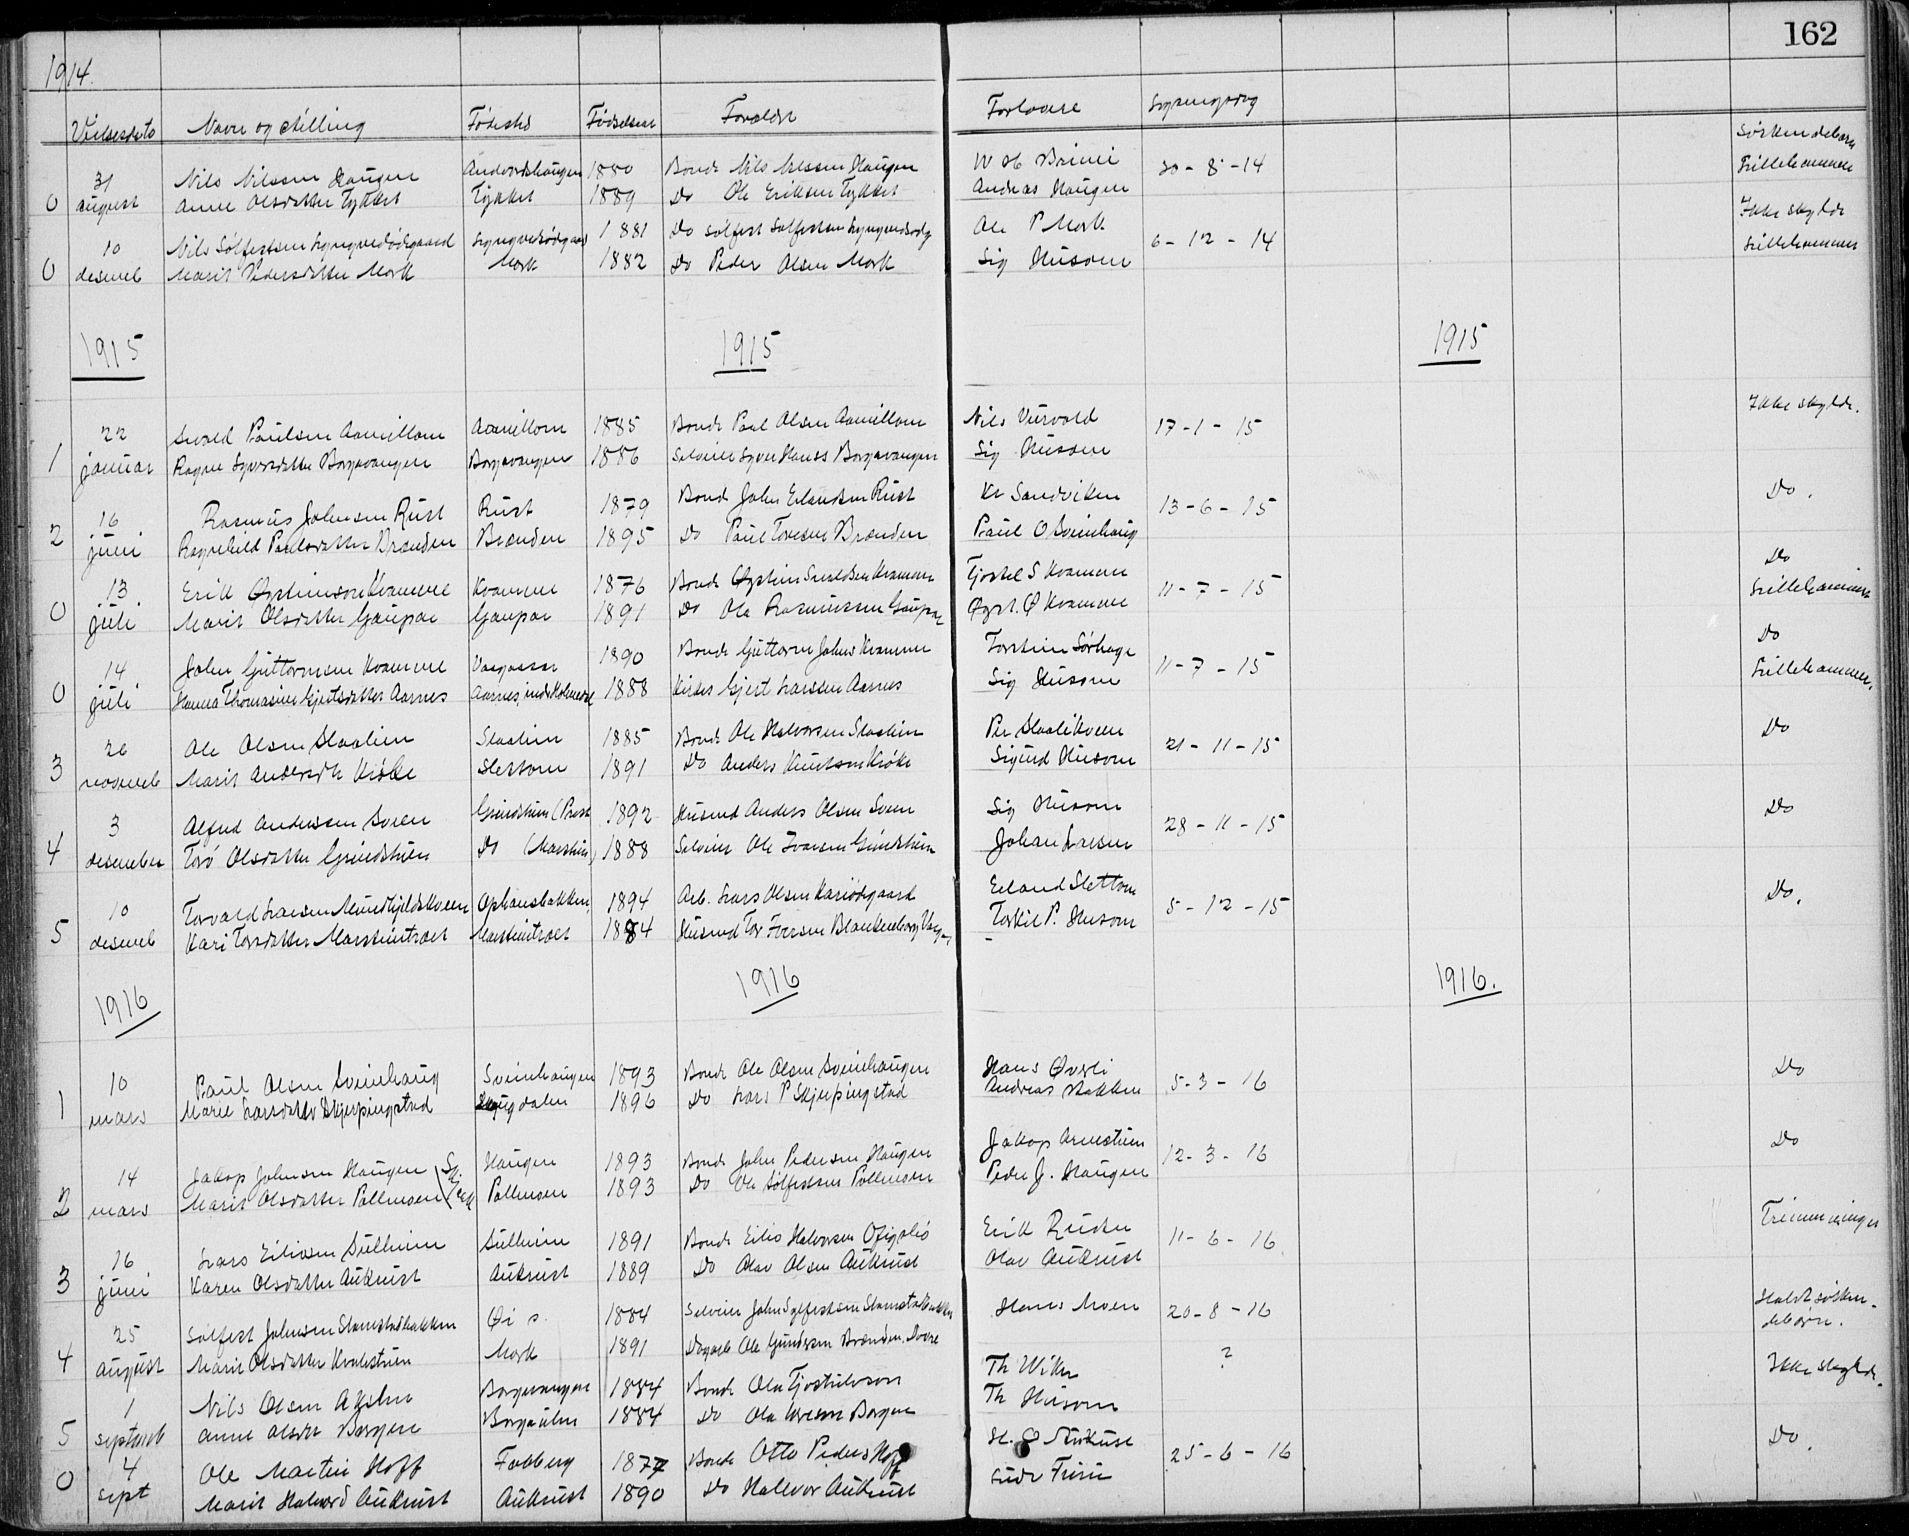 SAH, Lom prestekontor, L/L0013: Klokkerbok nr. 13, 1874-1938, s. 162